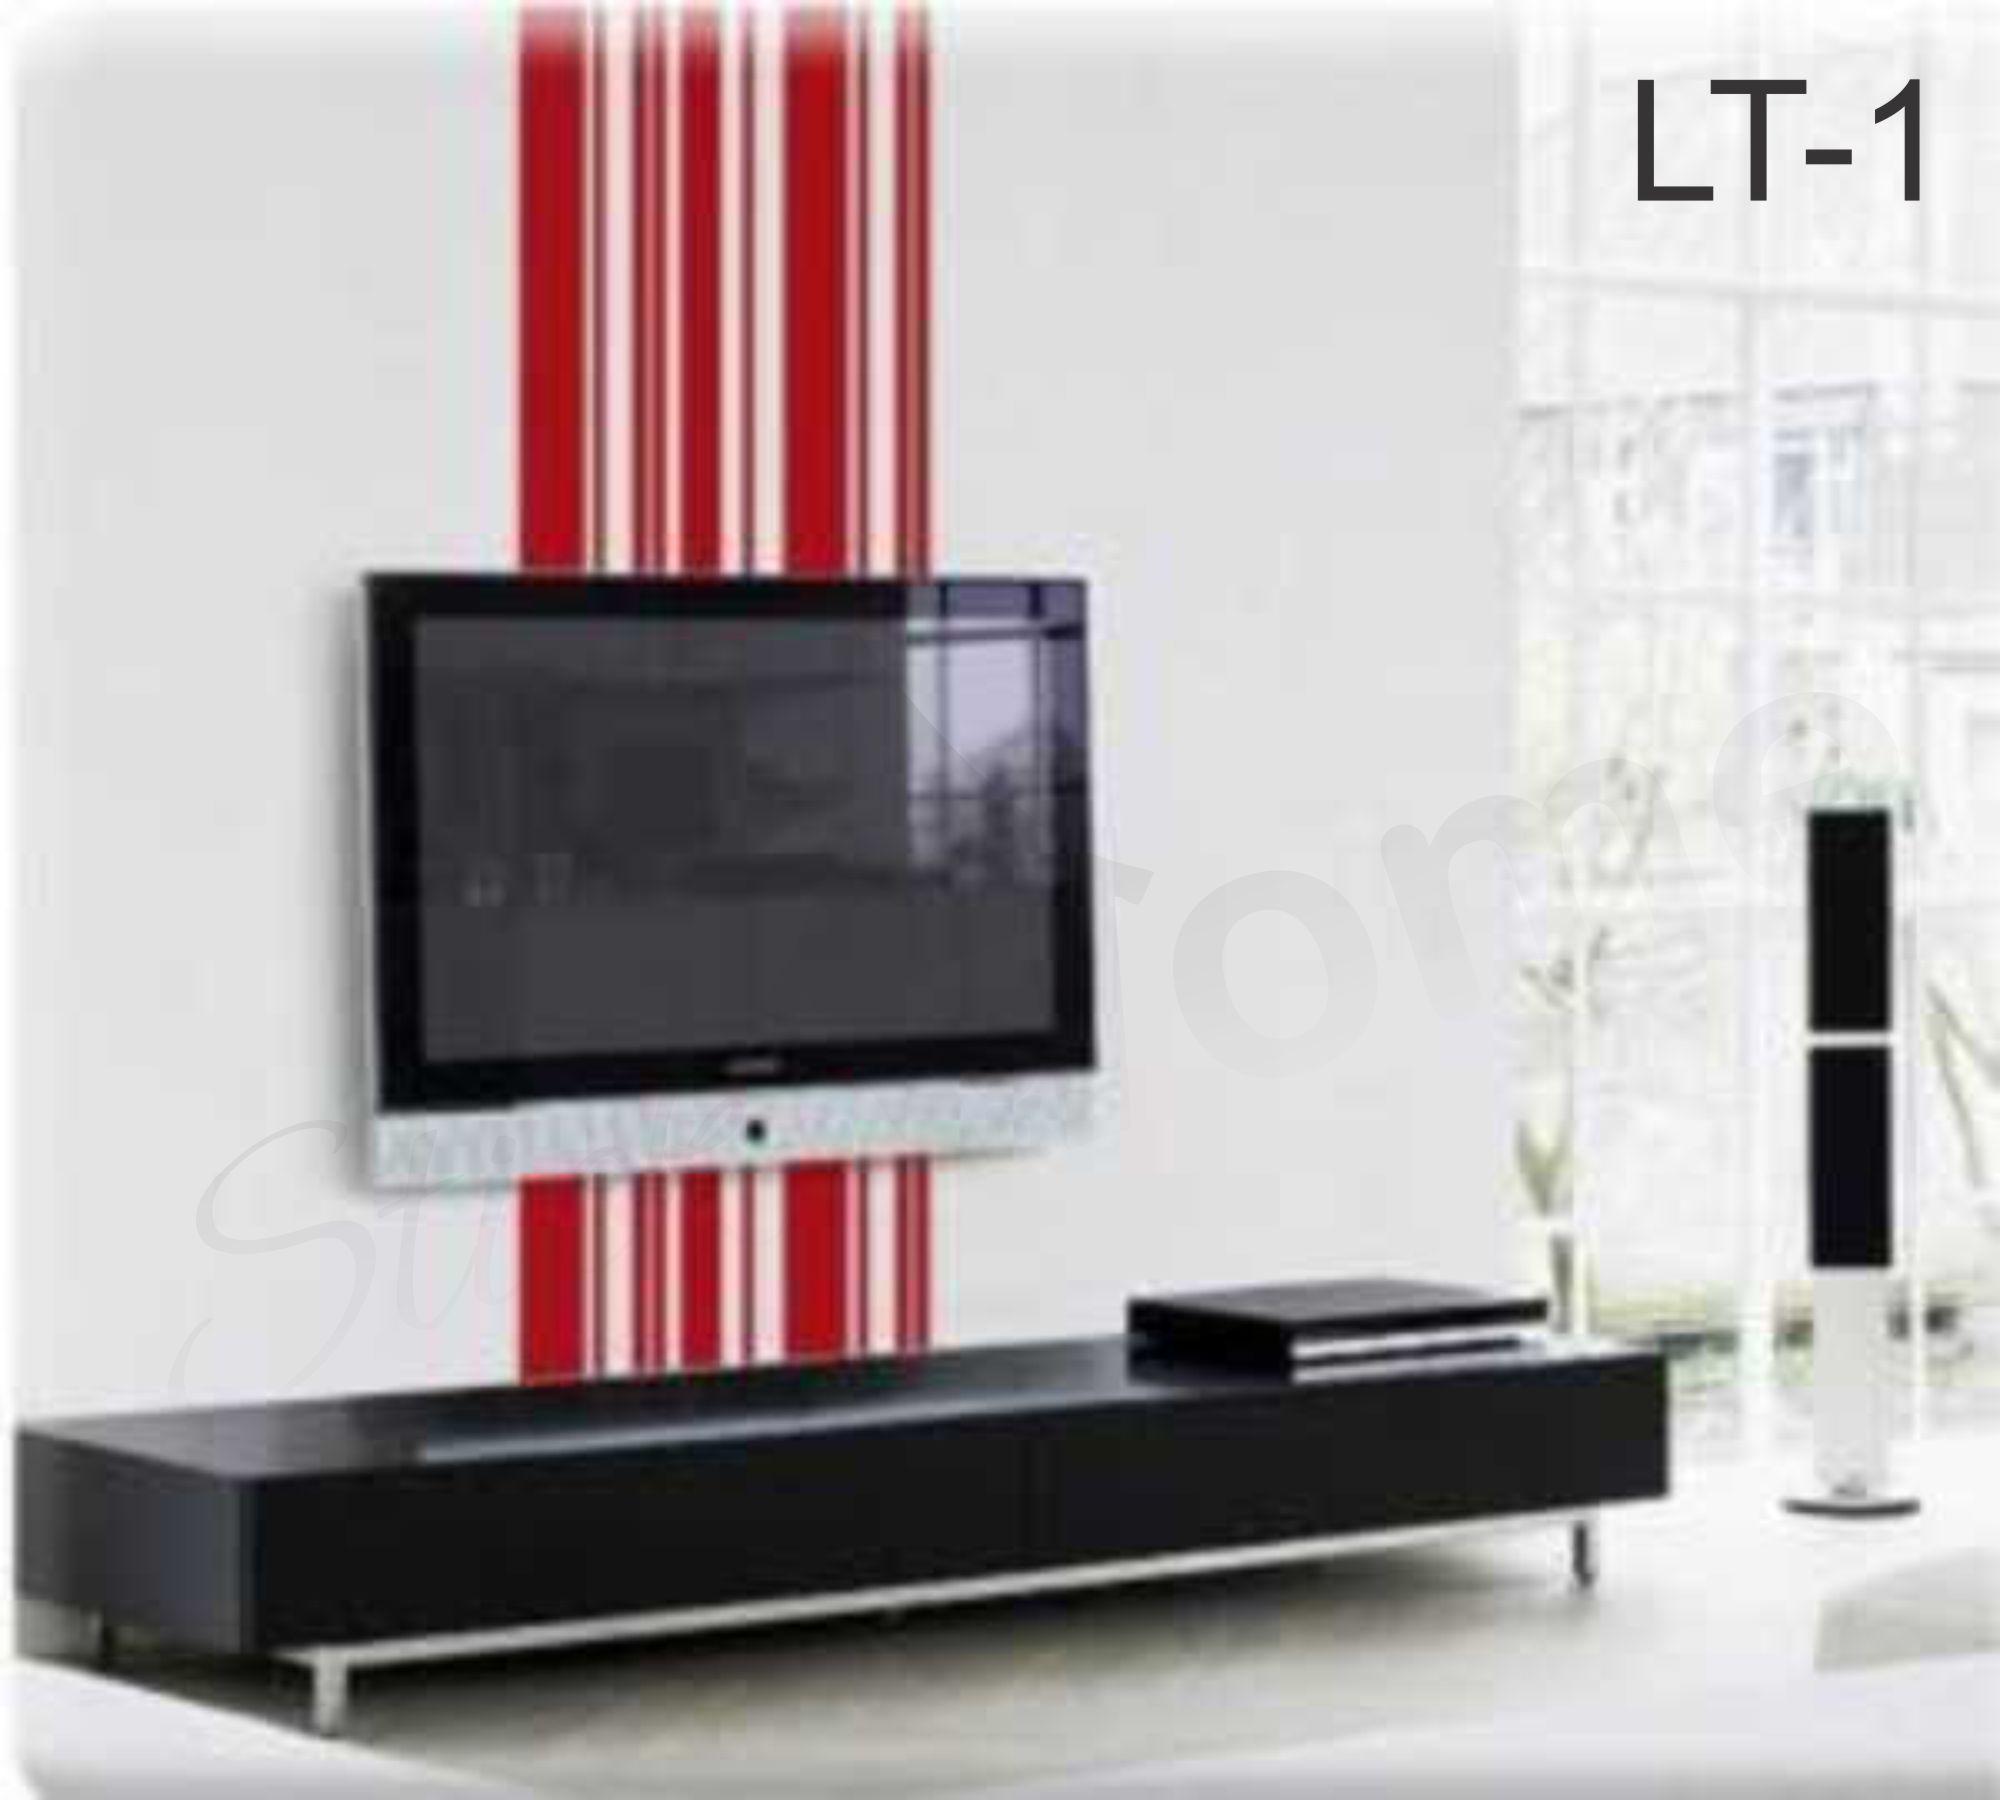 Adesivo De Parede Listras Gigantes Lt01 No Elo7 Stick Home  -> Adesivo Decorativo Na Parede De Tv